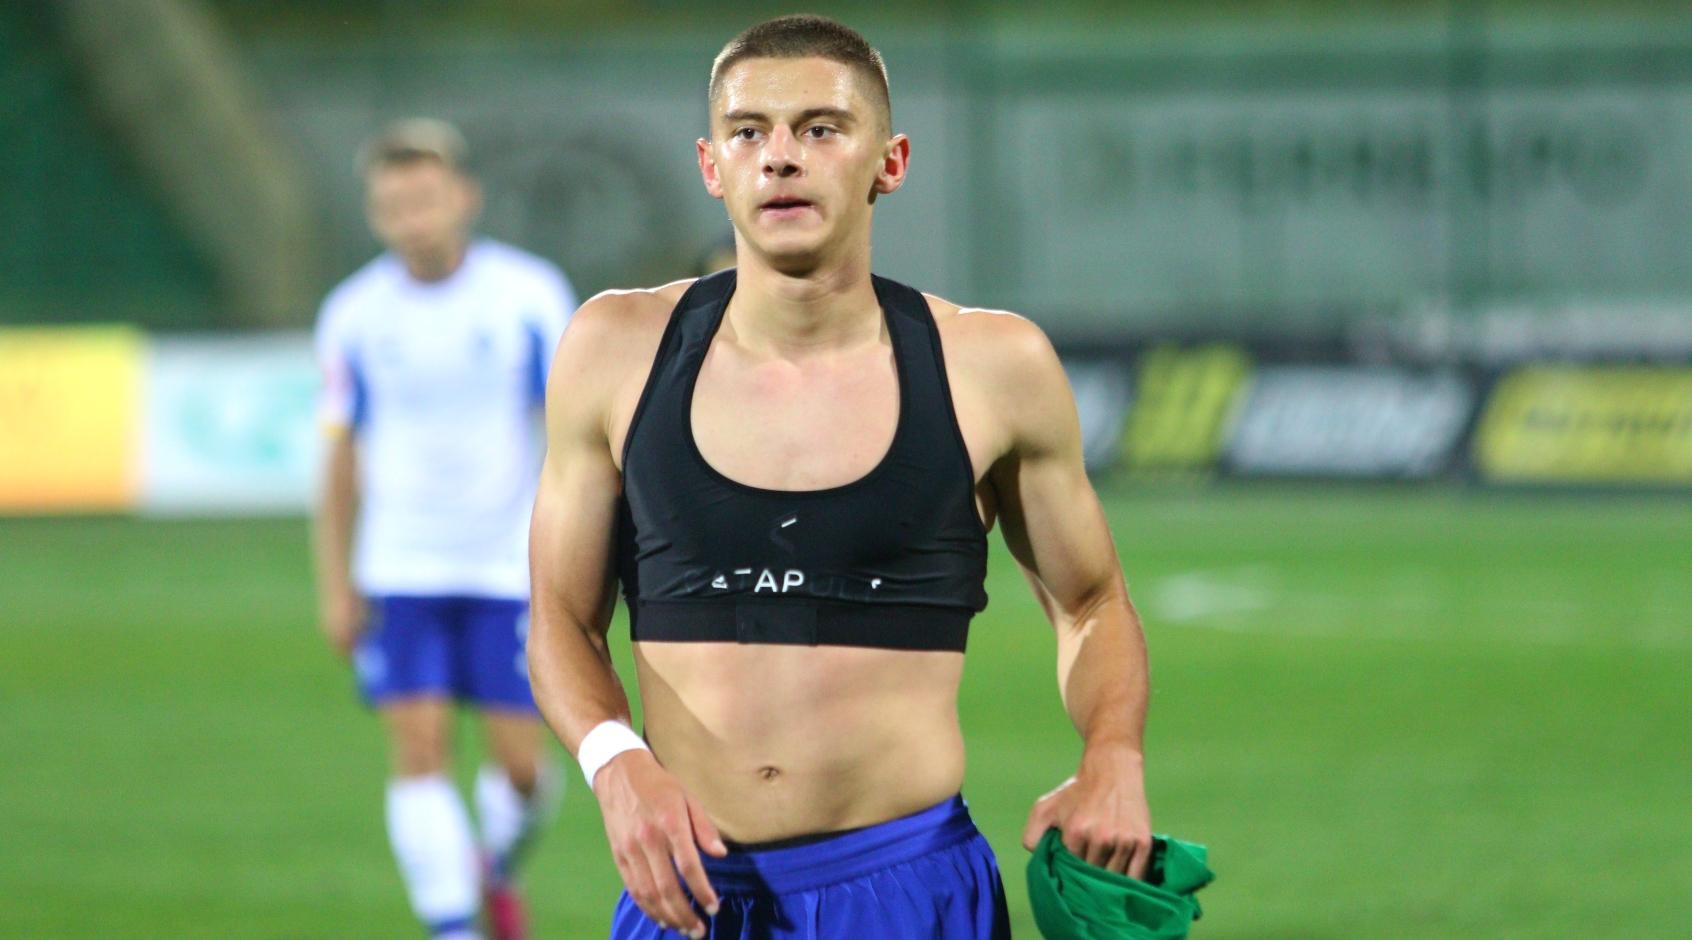 """Виталий Миколенко: """"Все отлично, тренируюсь в общей группе"""""""